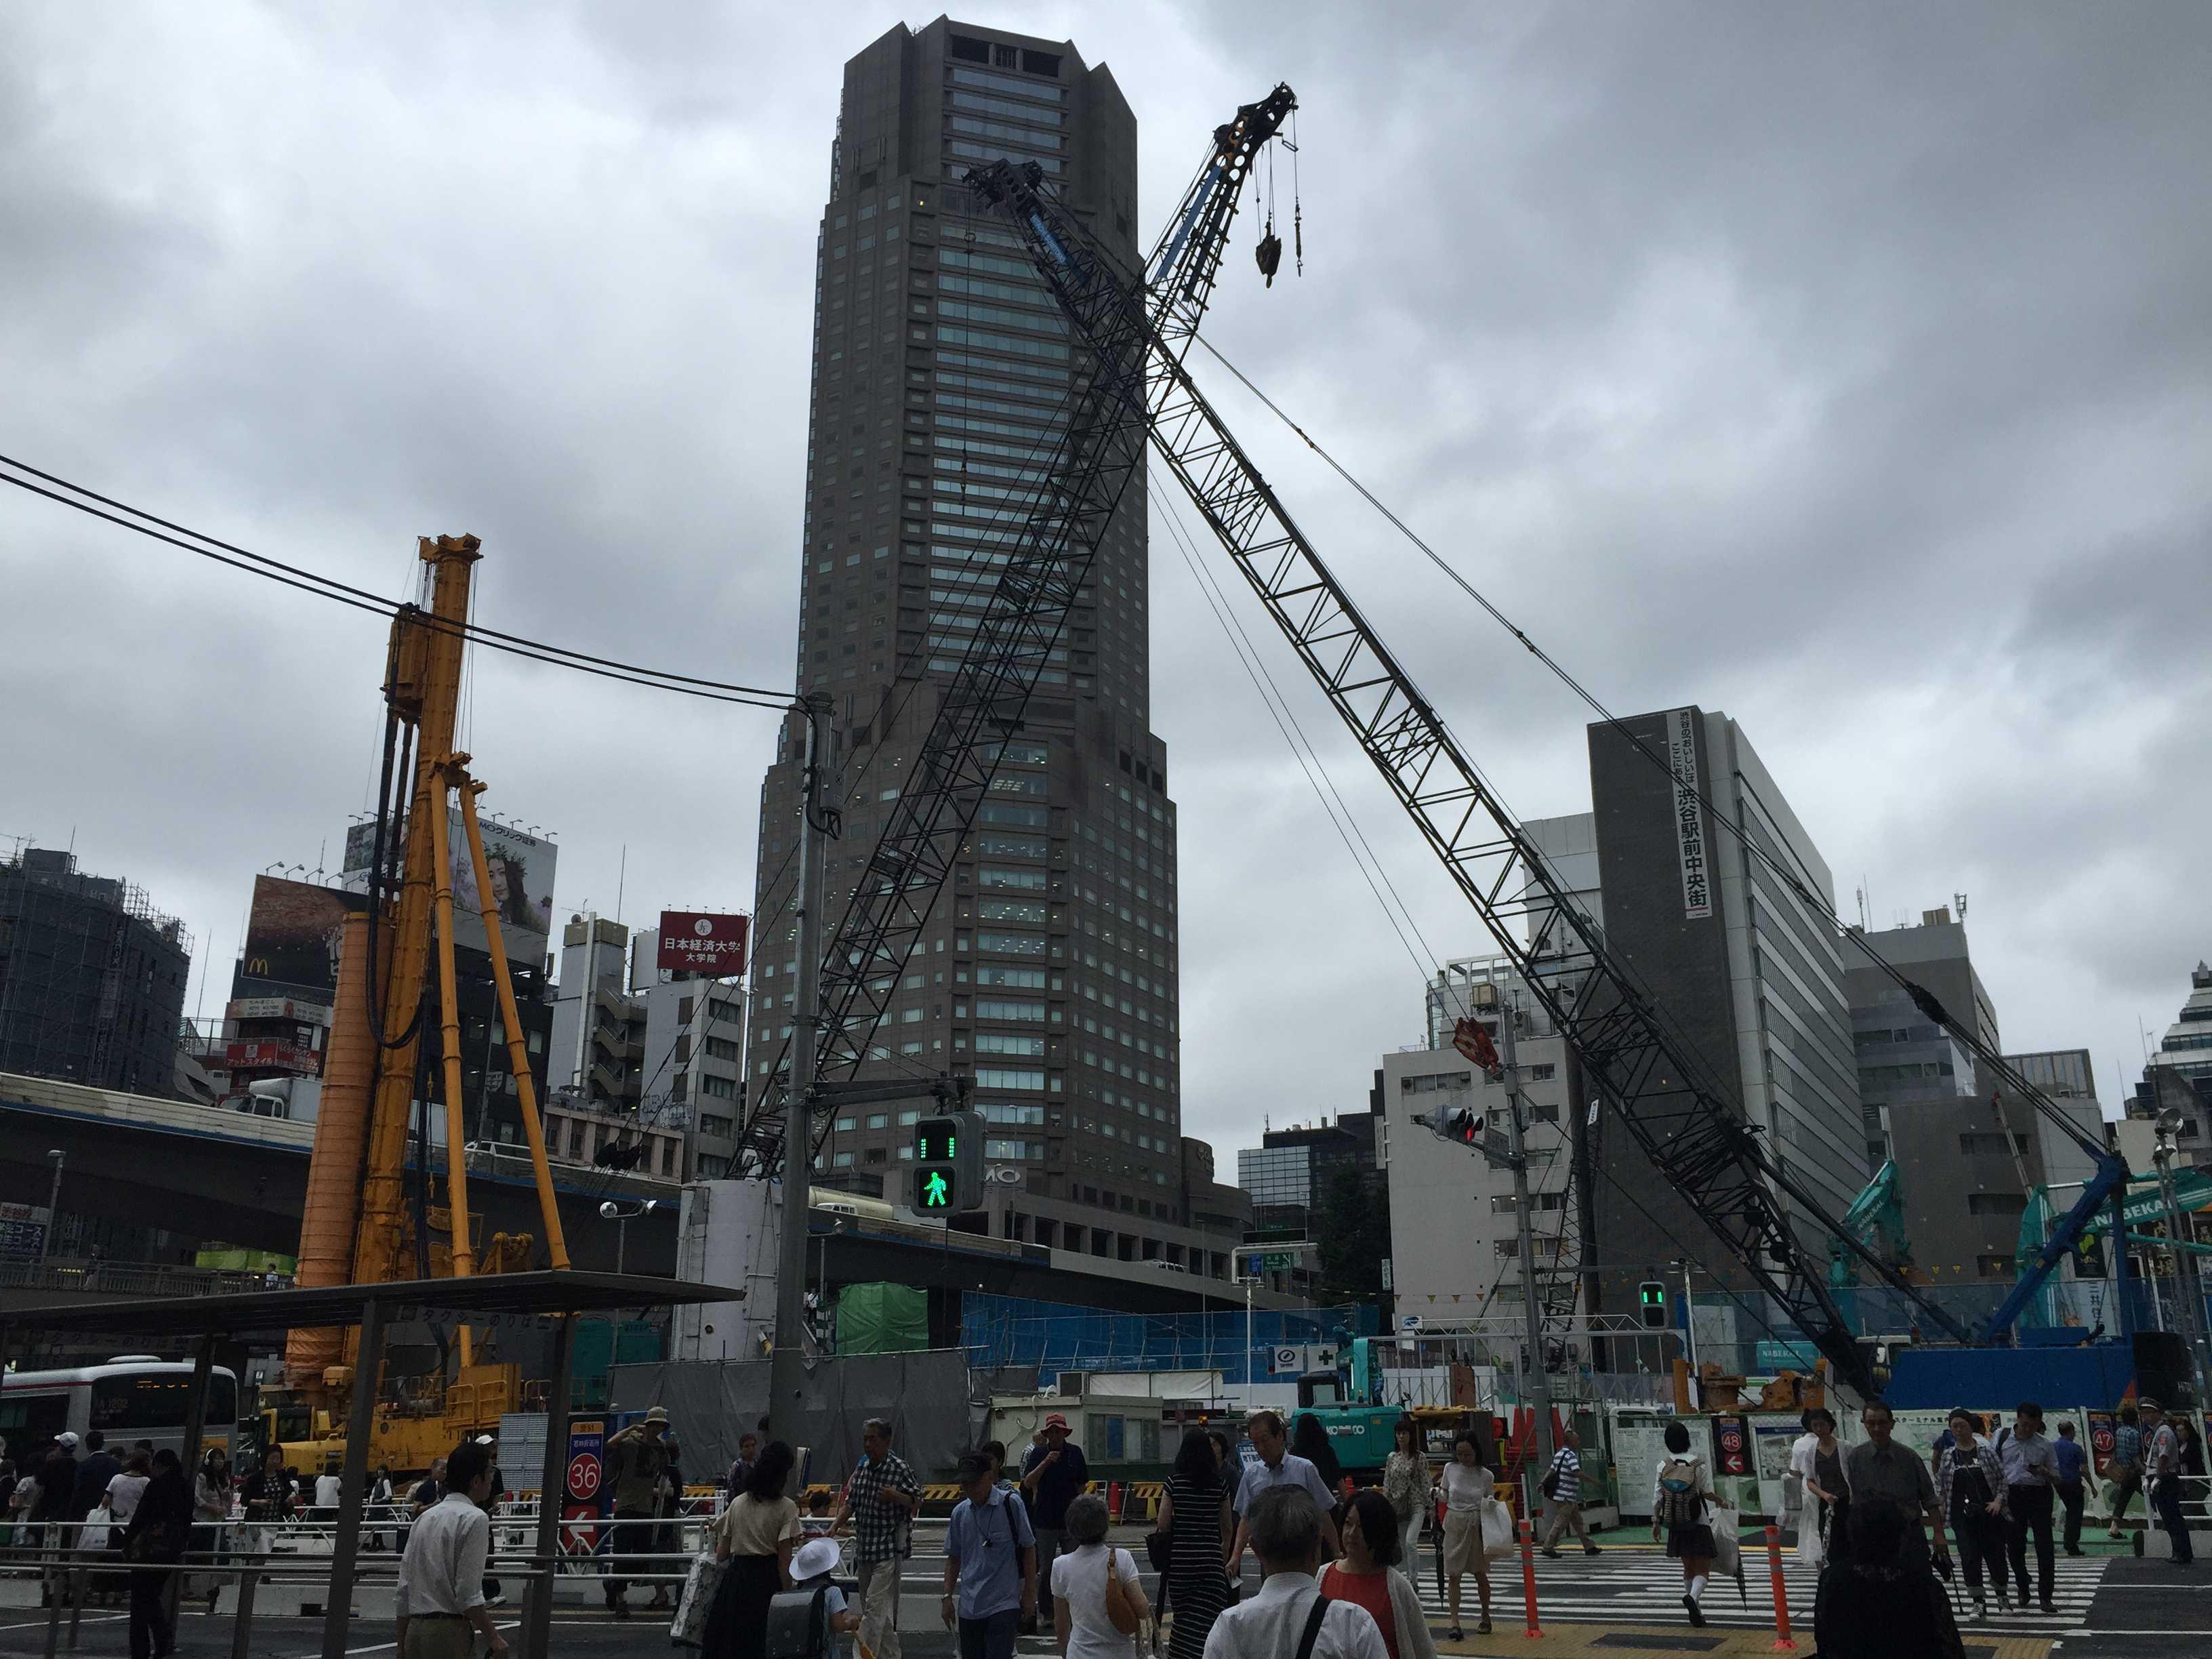 渋谷駅前から見たセルリアンタワー